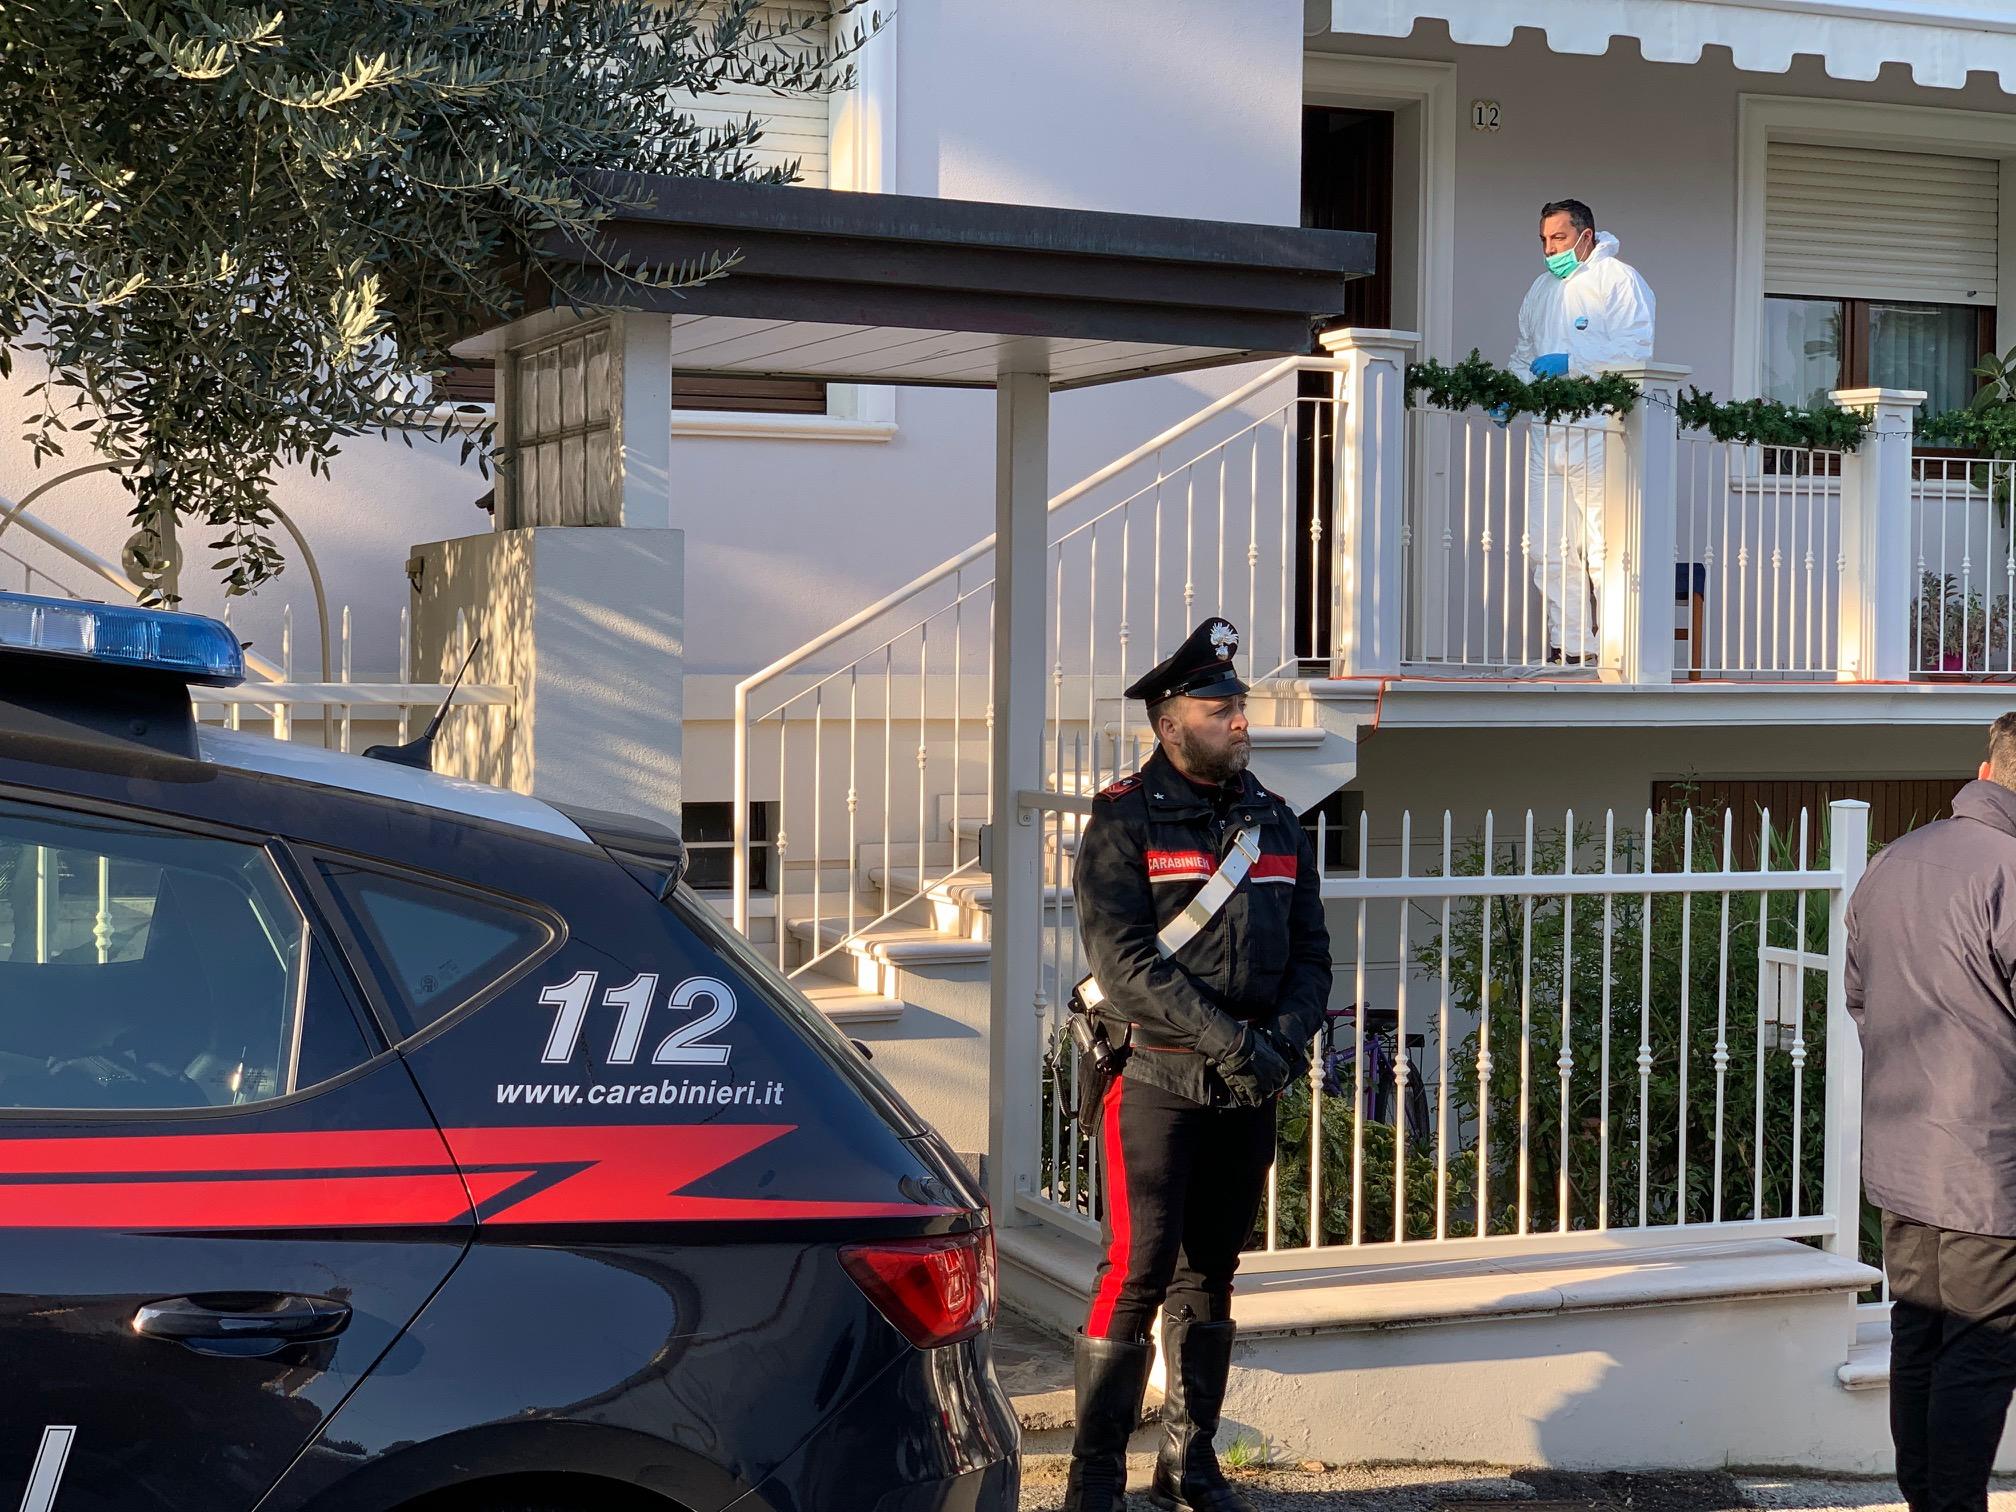 Donna trovata morta in casa a Riccione: si indaga per omicidio